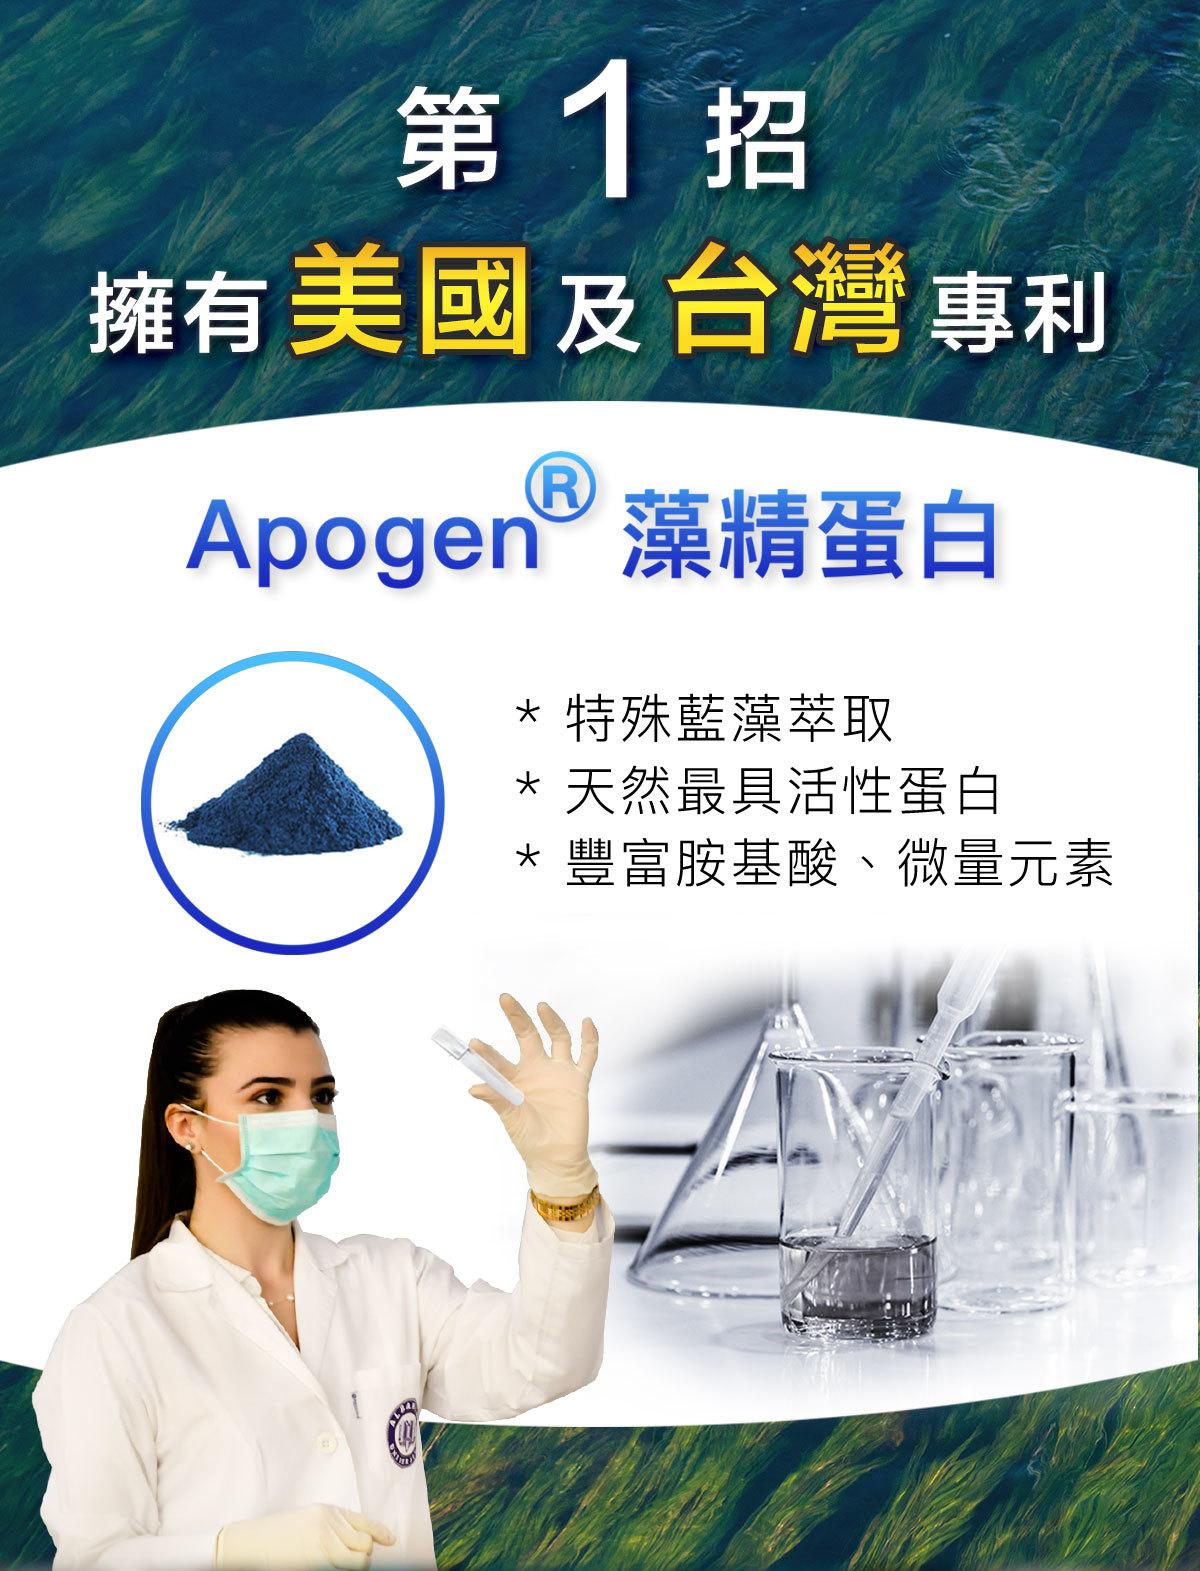 全家力酵素-Apogen藻精蛋白,美國、台灣兩國專利